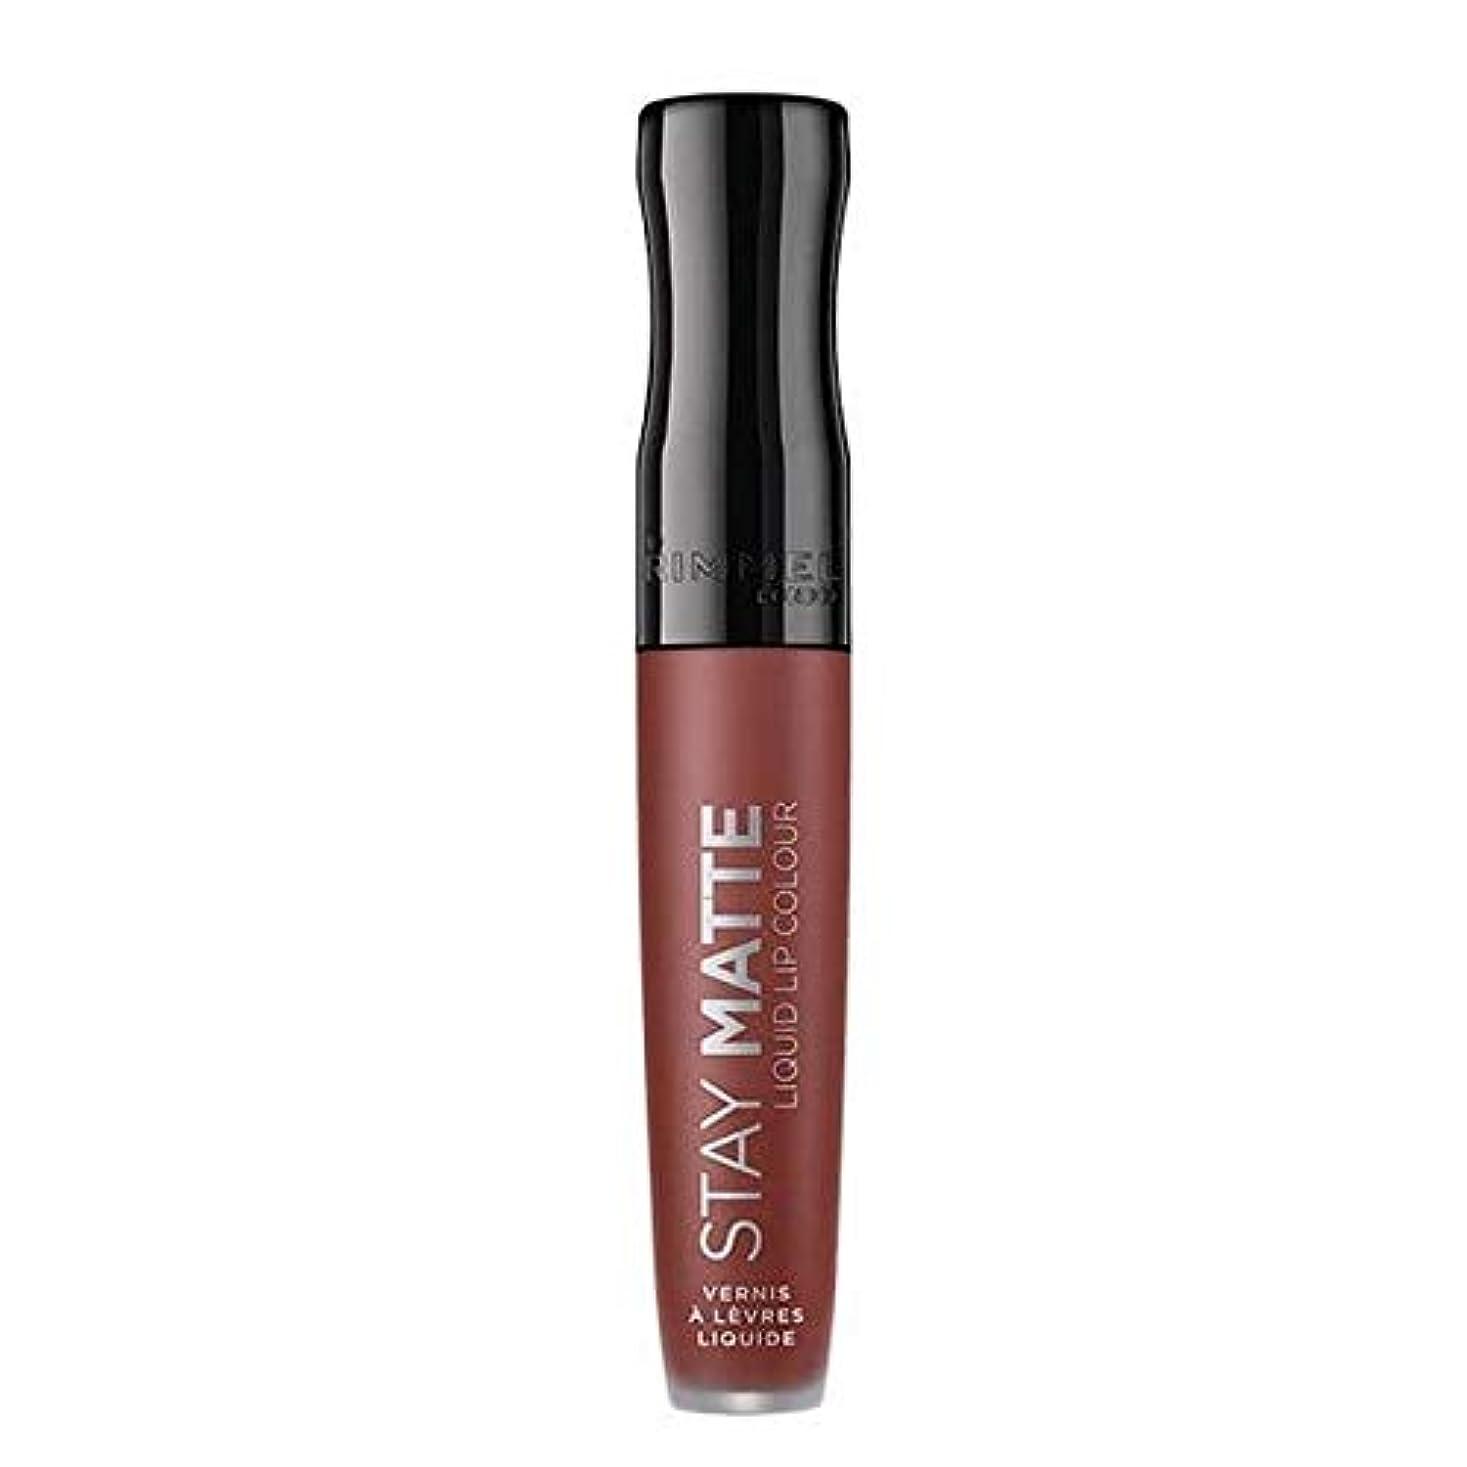 振動させるスカルクチューブ[Rimmel ] リンメルステイマット液体リップ口紅のトラブル - Rimmel Stay Matte Liquid Lip Lipstick Troublemaker [並行輸入品]